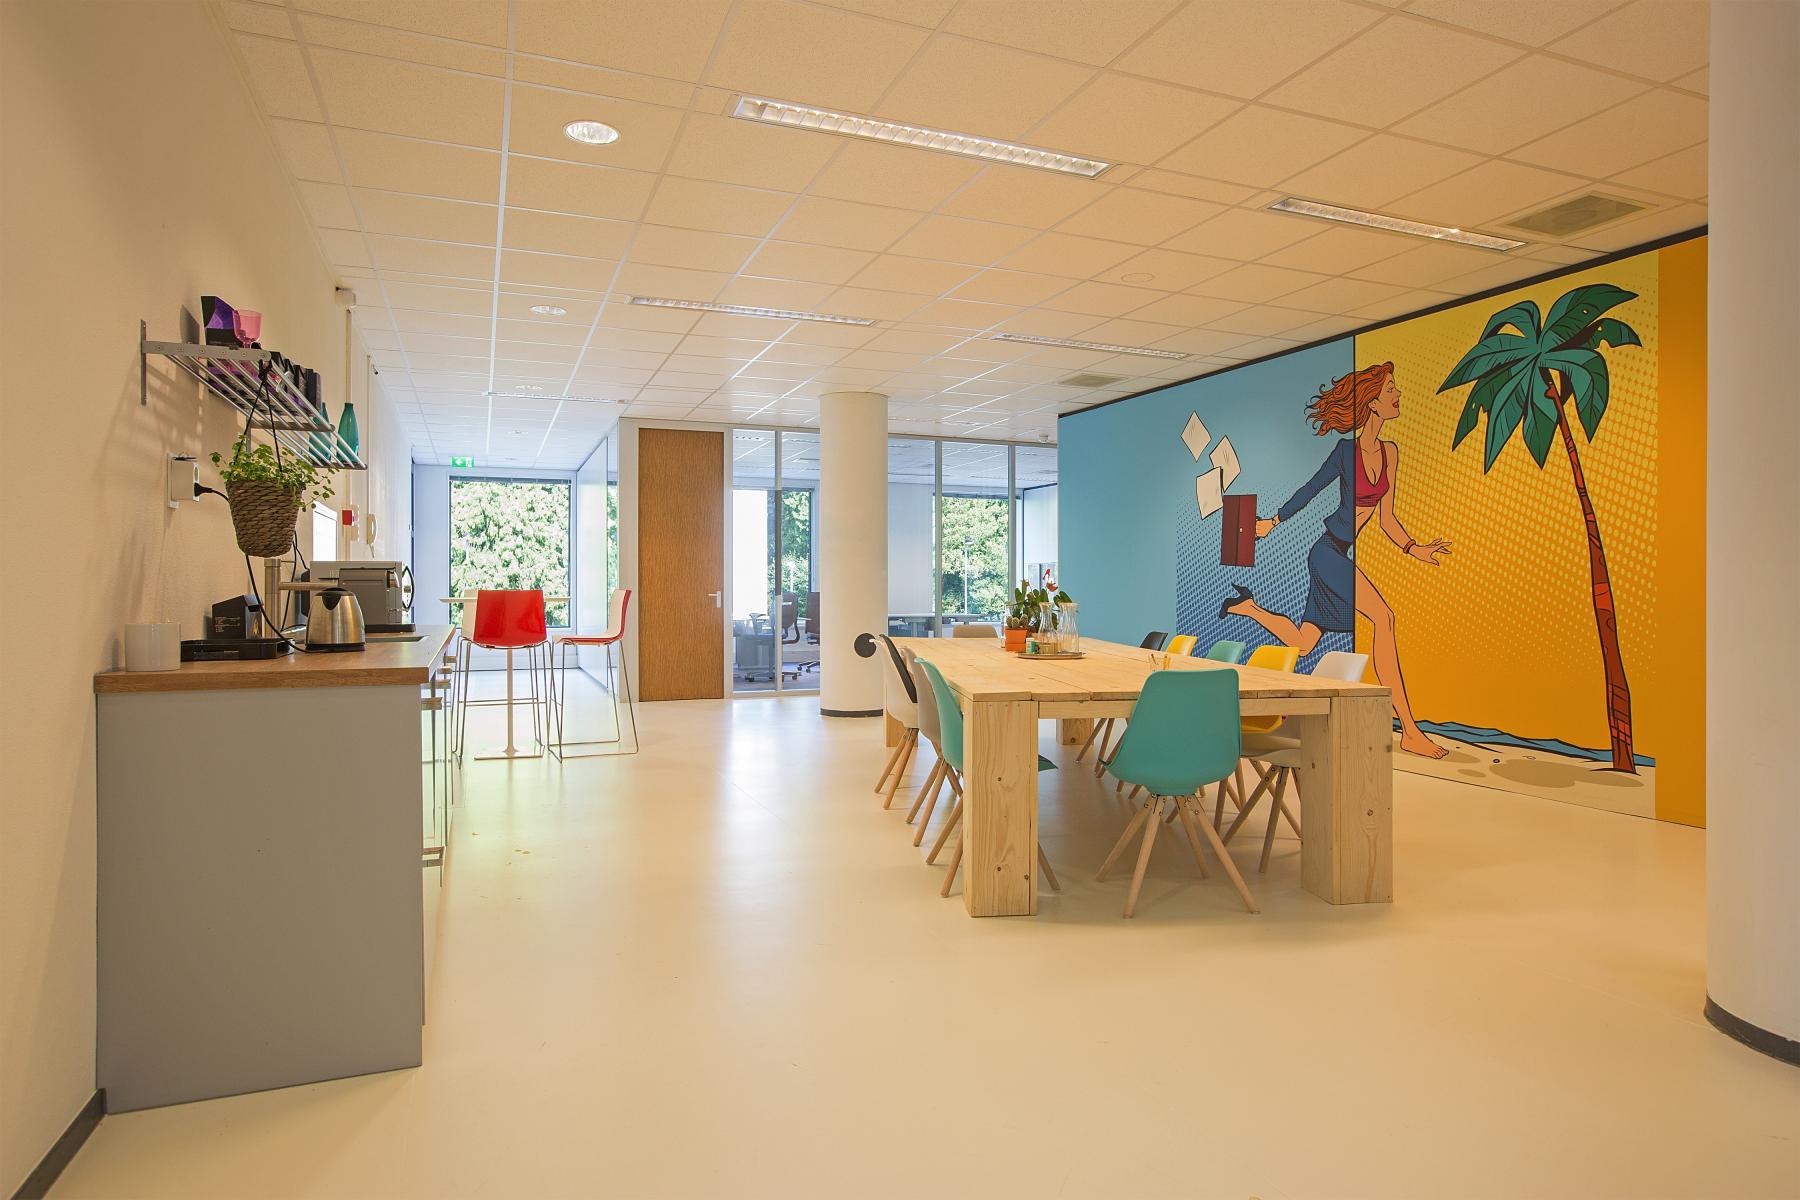 gemeubileerde kantoorruimte huren aan amalialaan in baarn